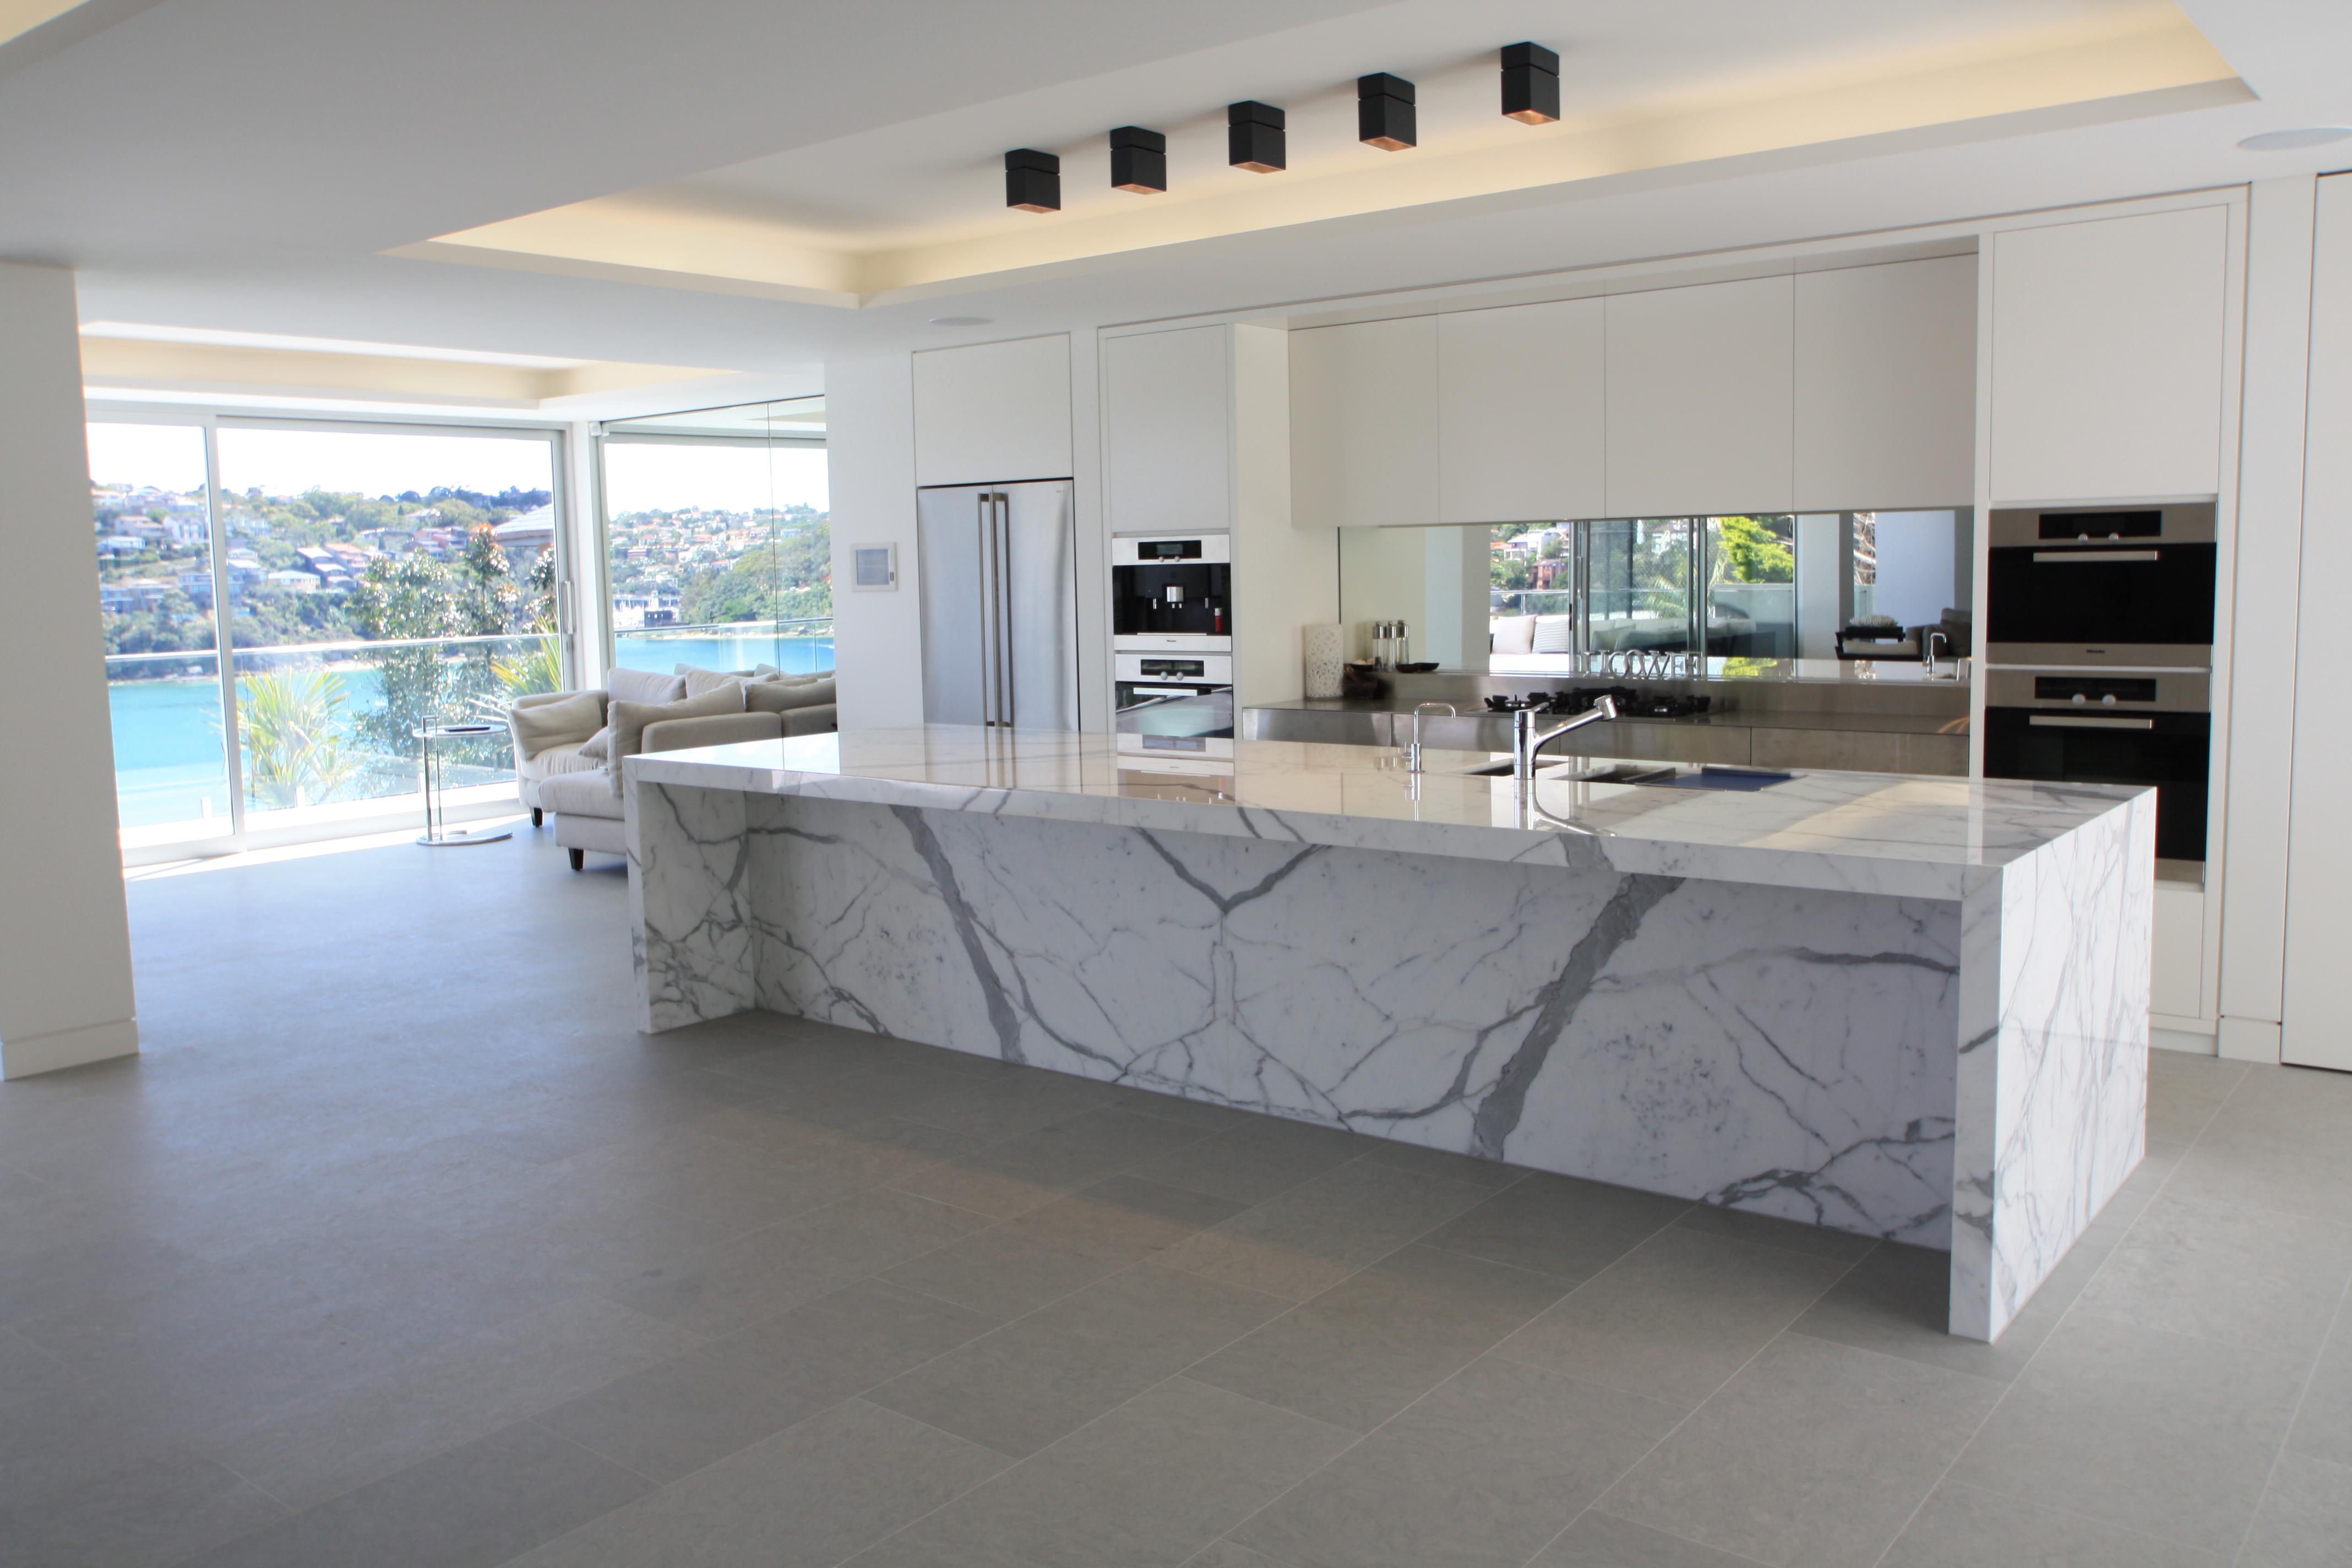 Luxe Grey - Honed - Villa Sareen (4)